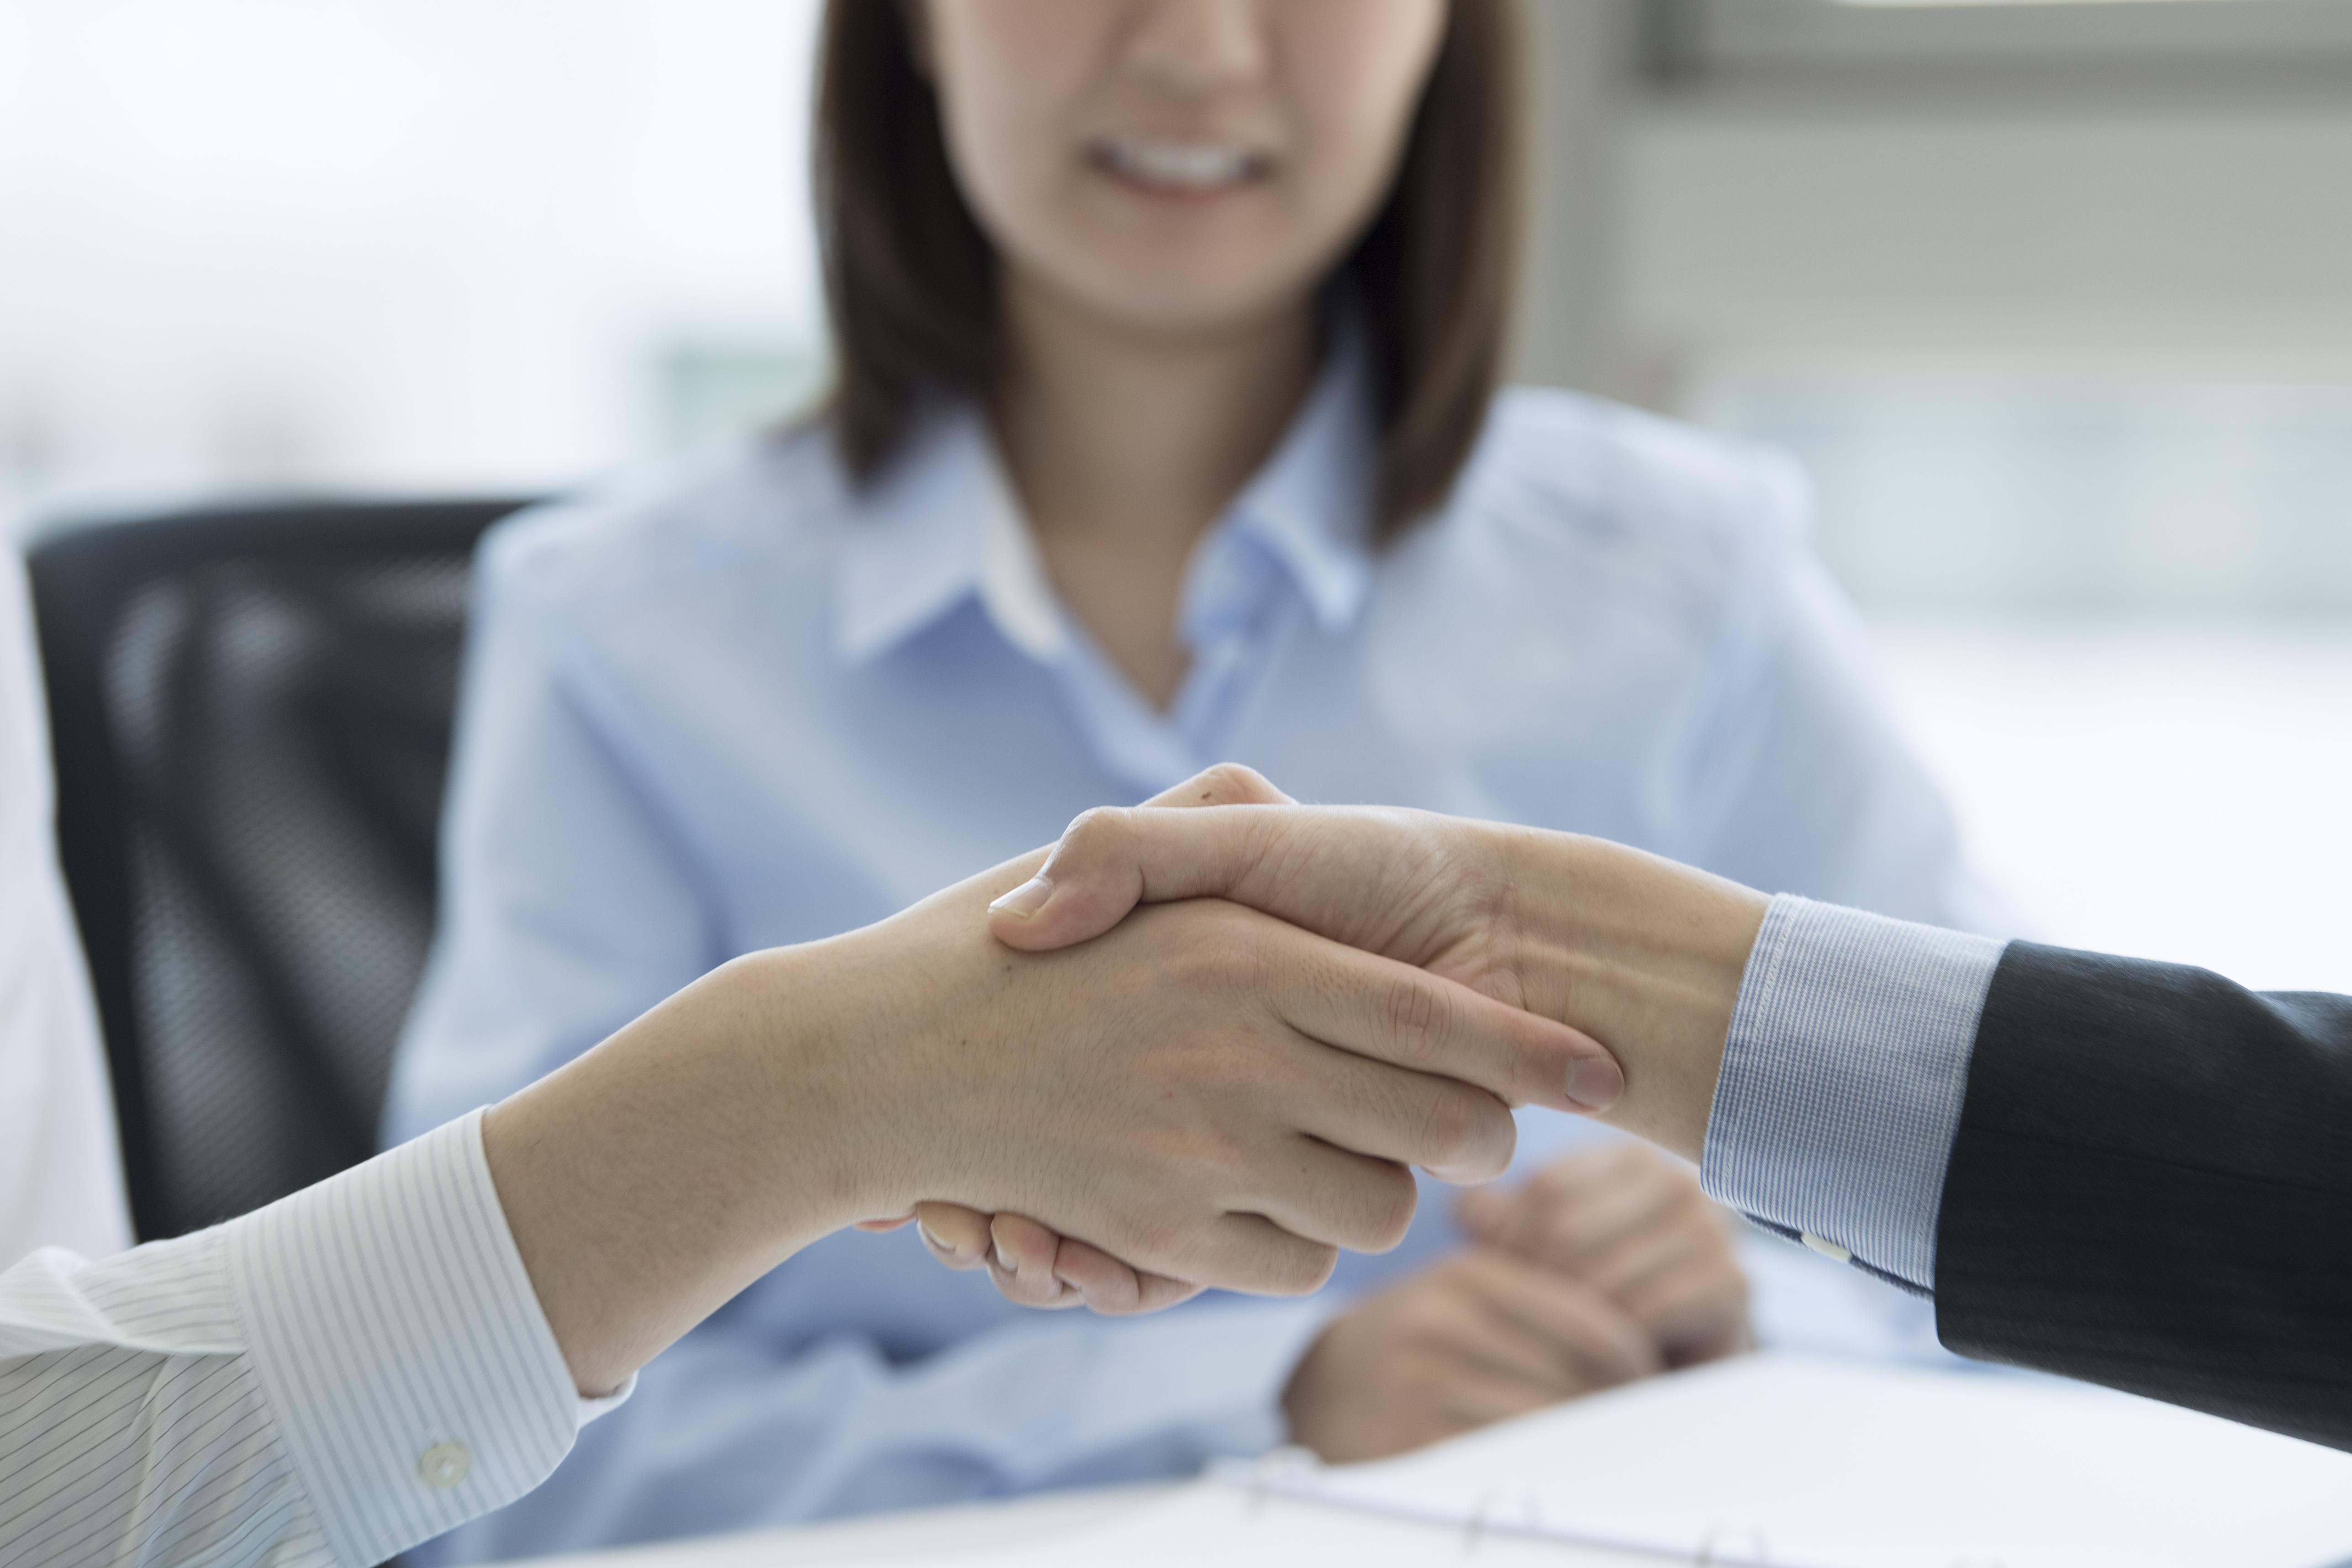 Einigung durch Händeschütteln